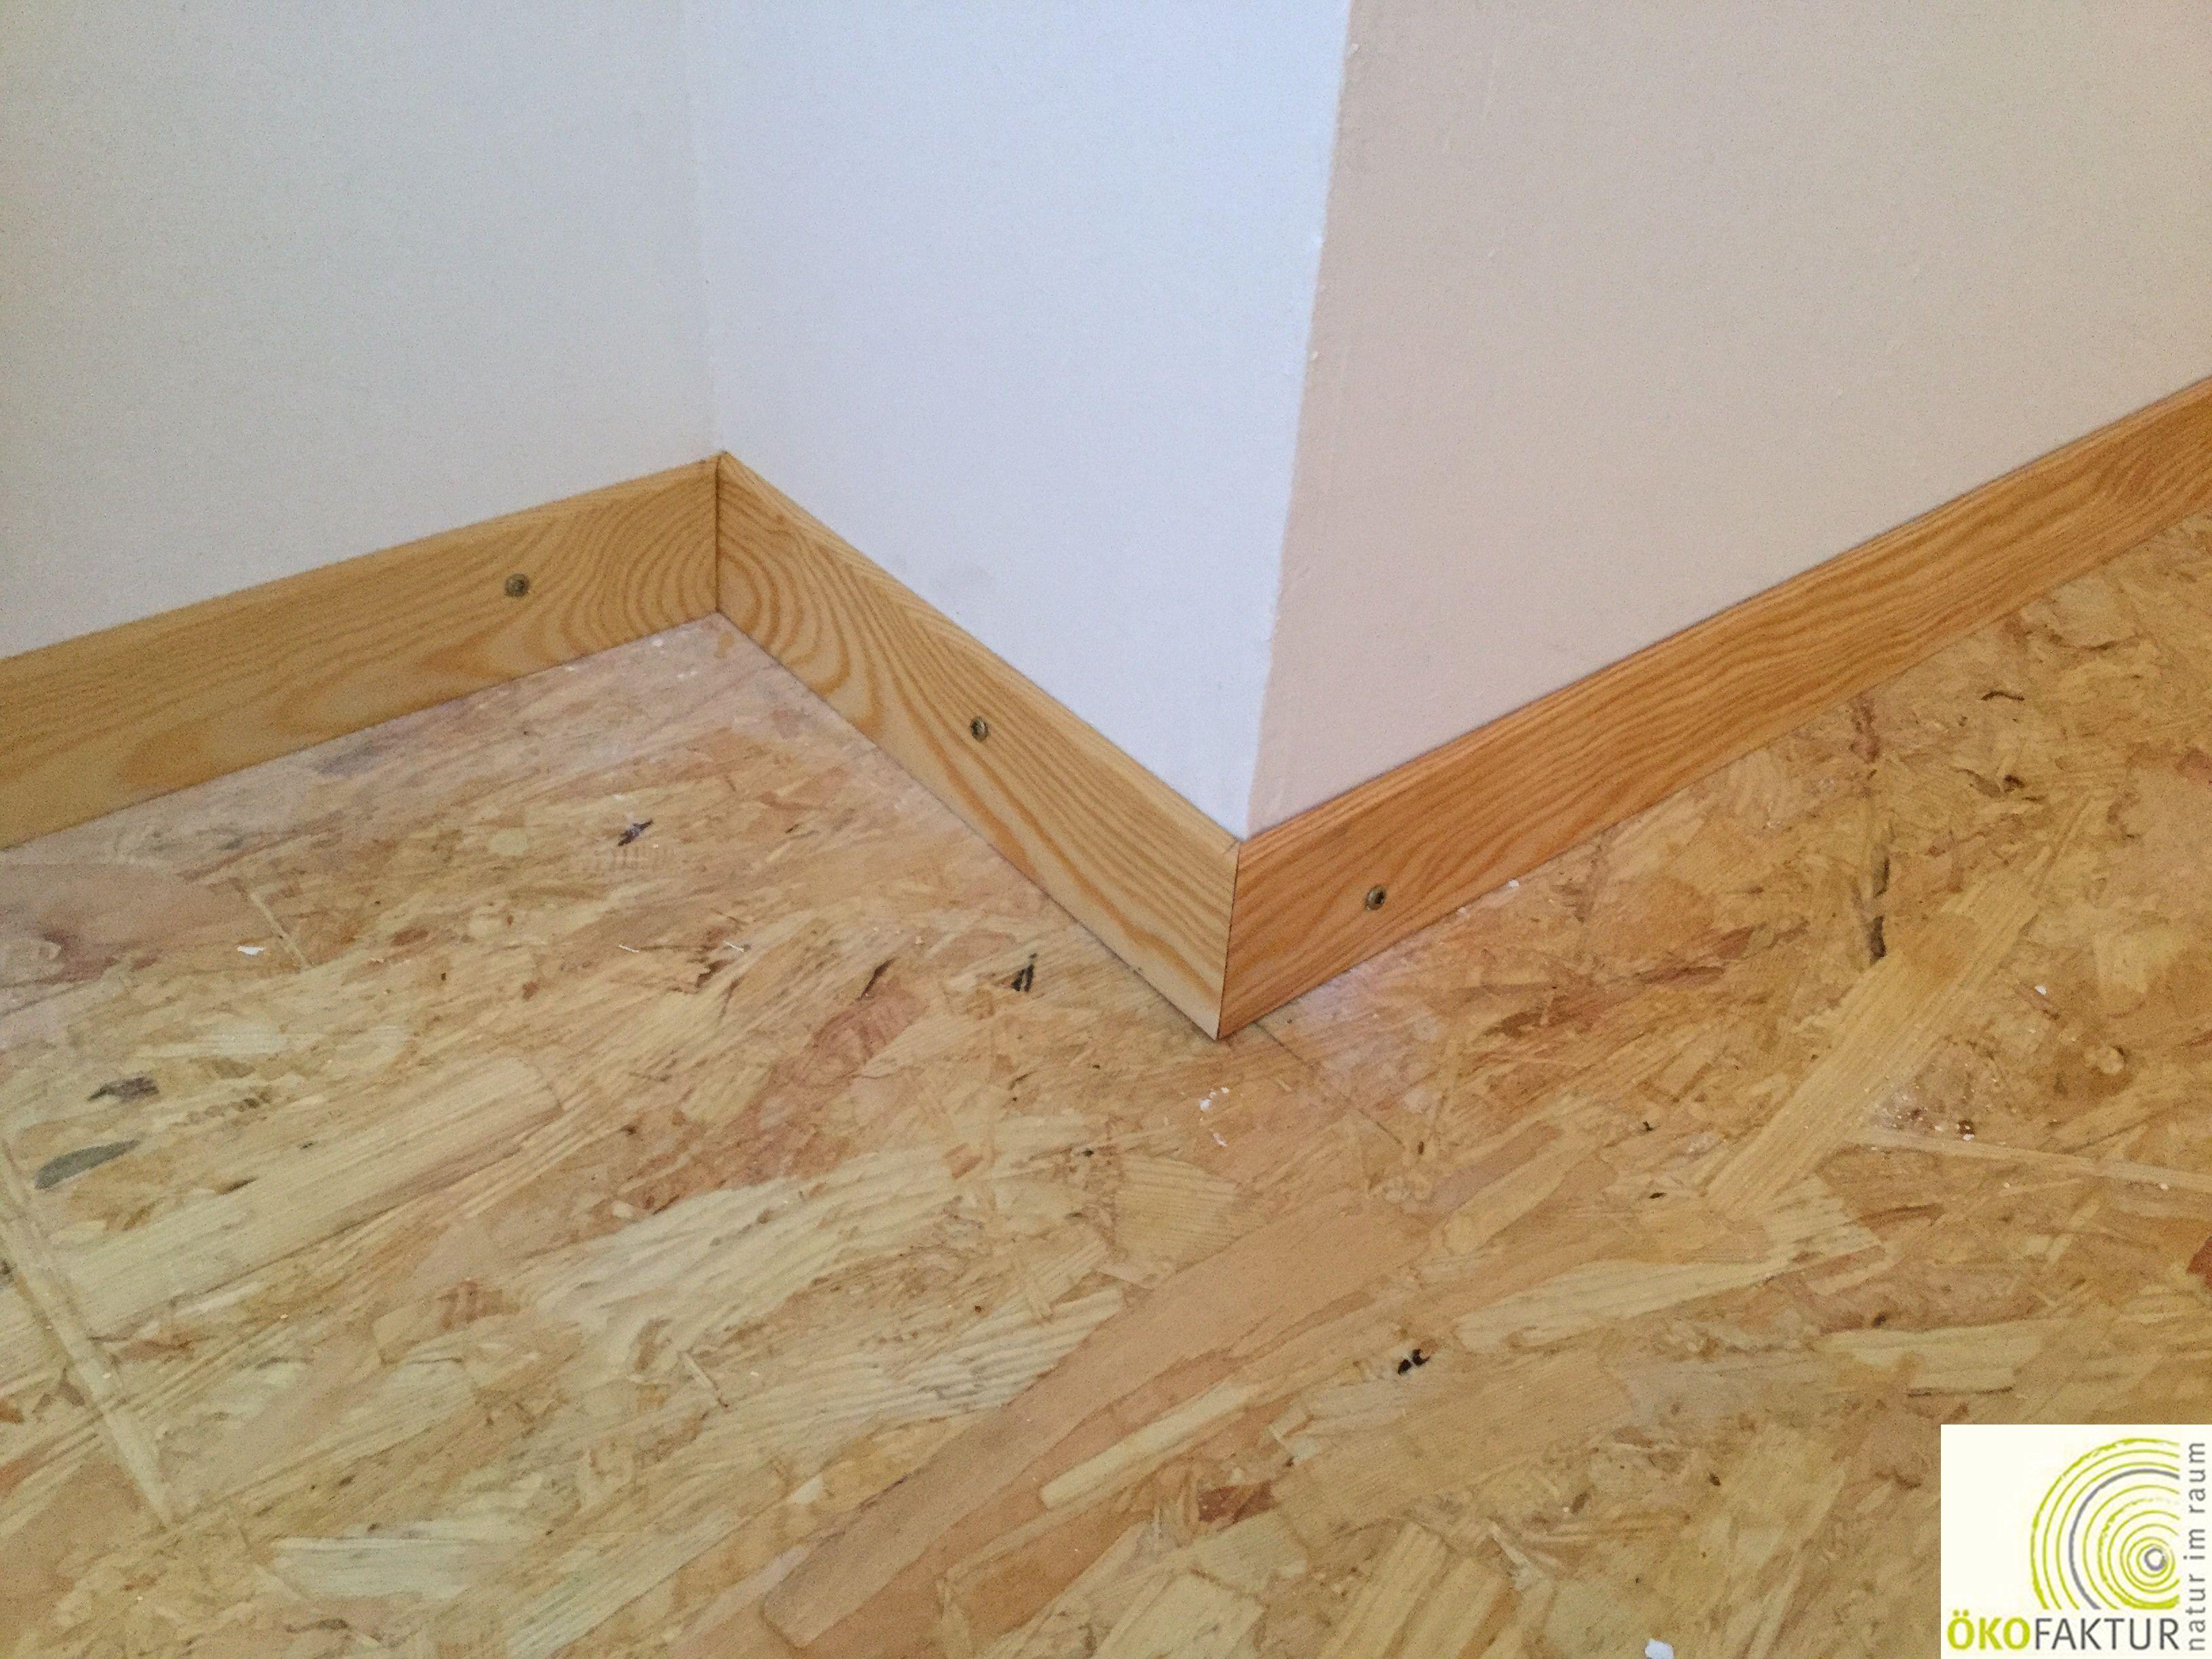 Osb Für Fußboden ~ Fußboden verlegen osb fußbodenaufbauten